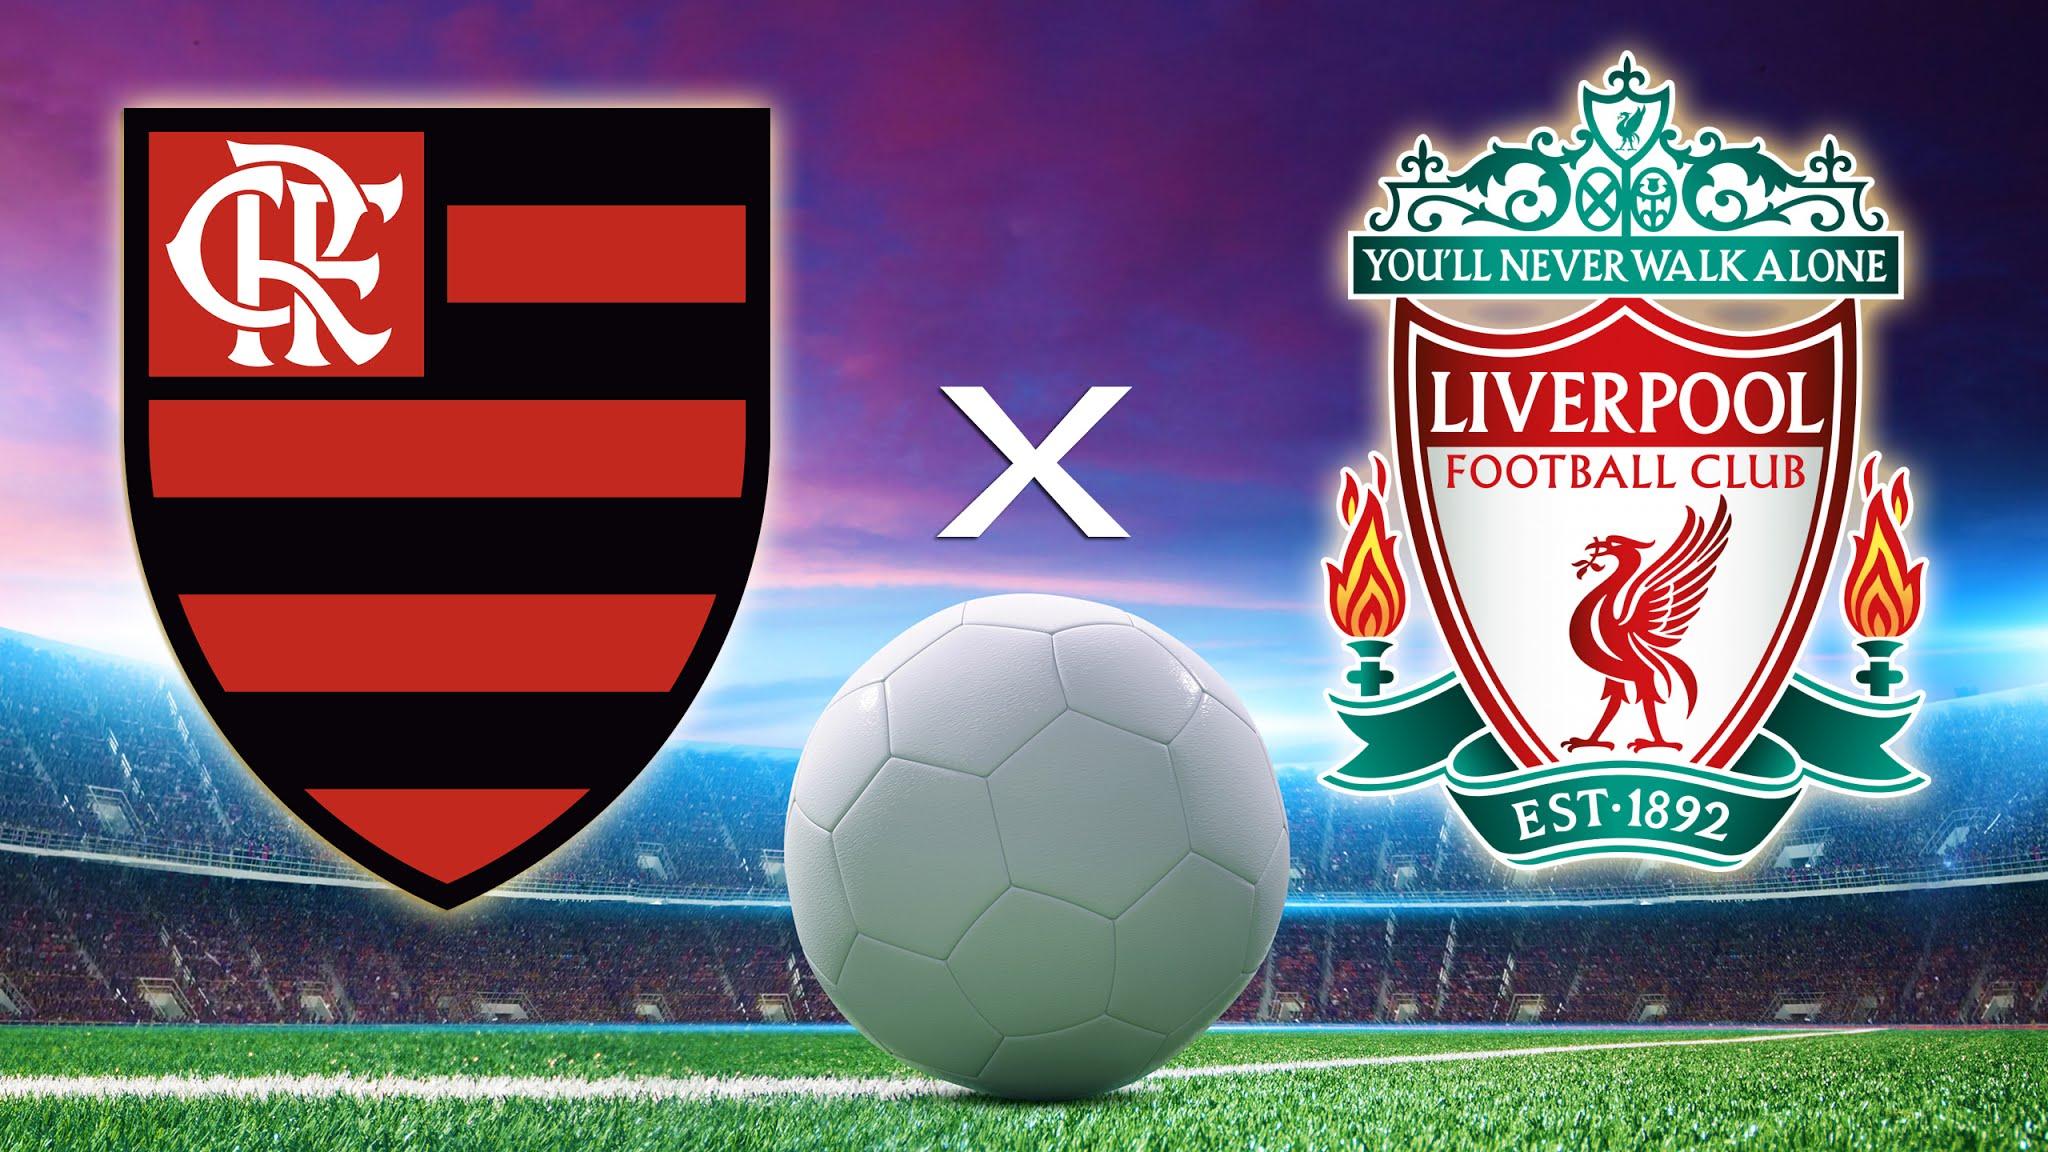 Mundial De Clubes Flamengo Vs Liverpool